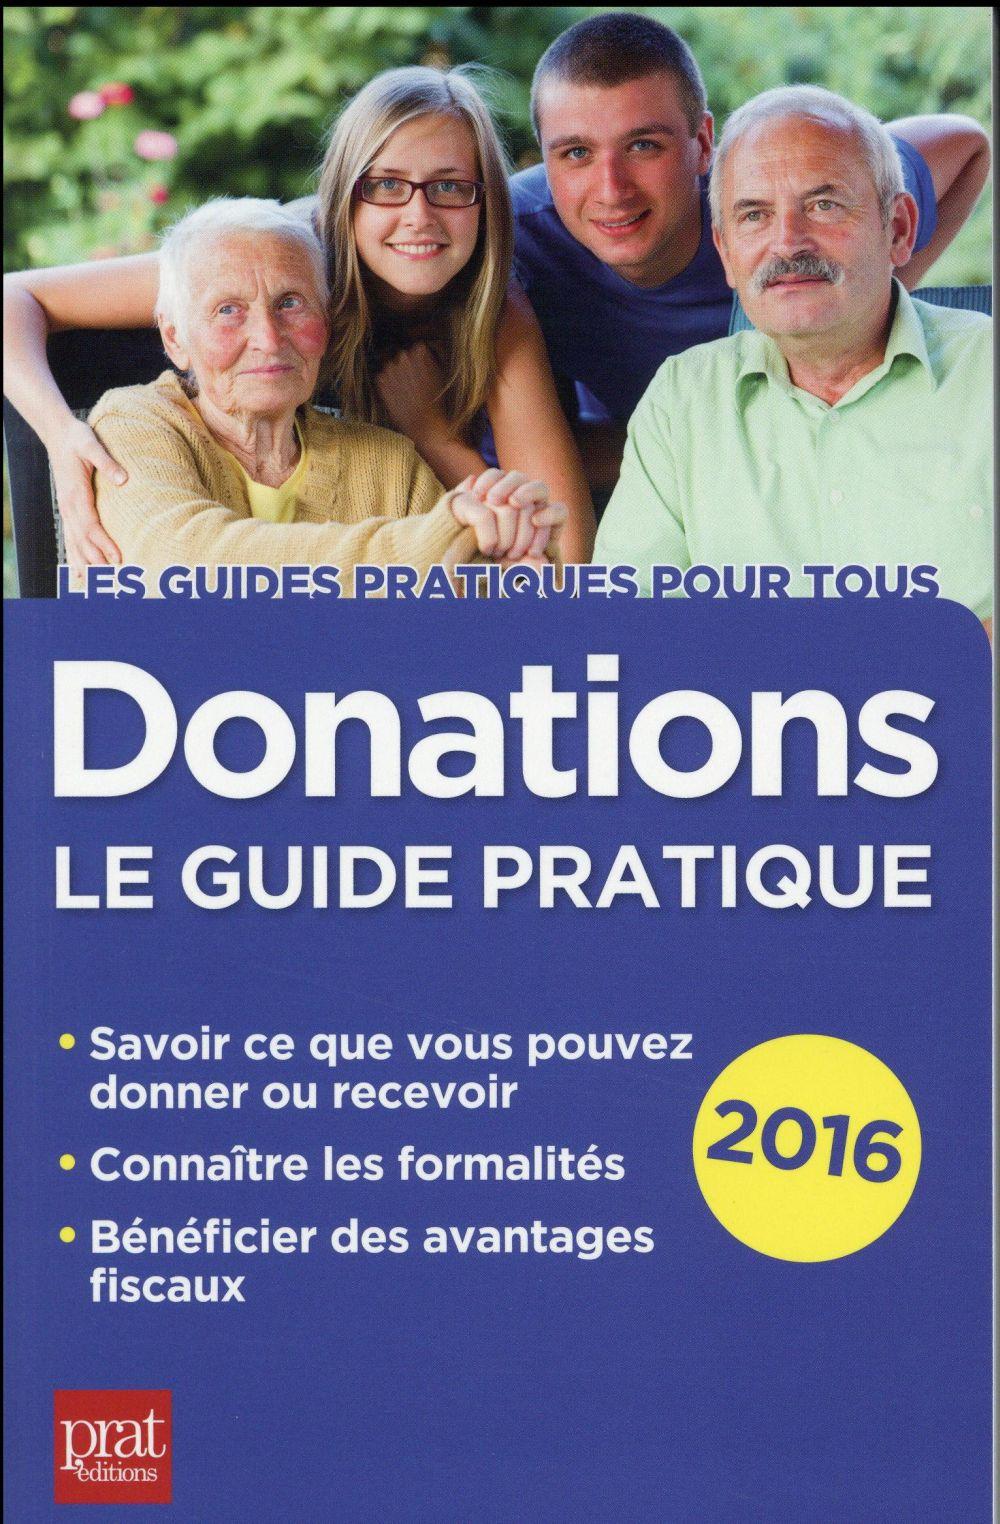 Donations le guide pratique 2016